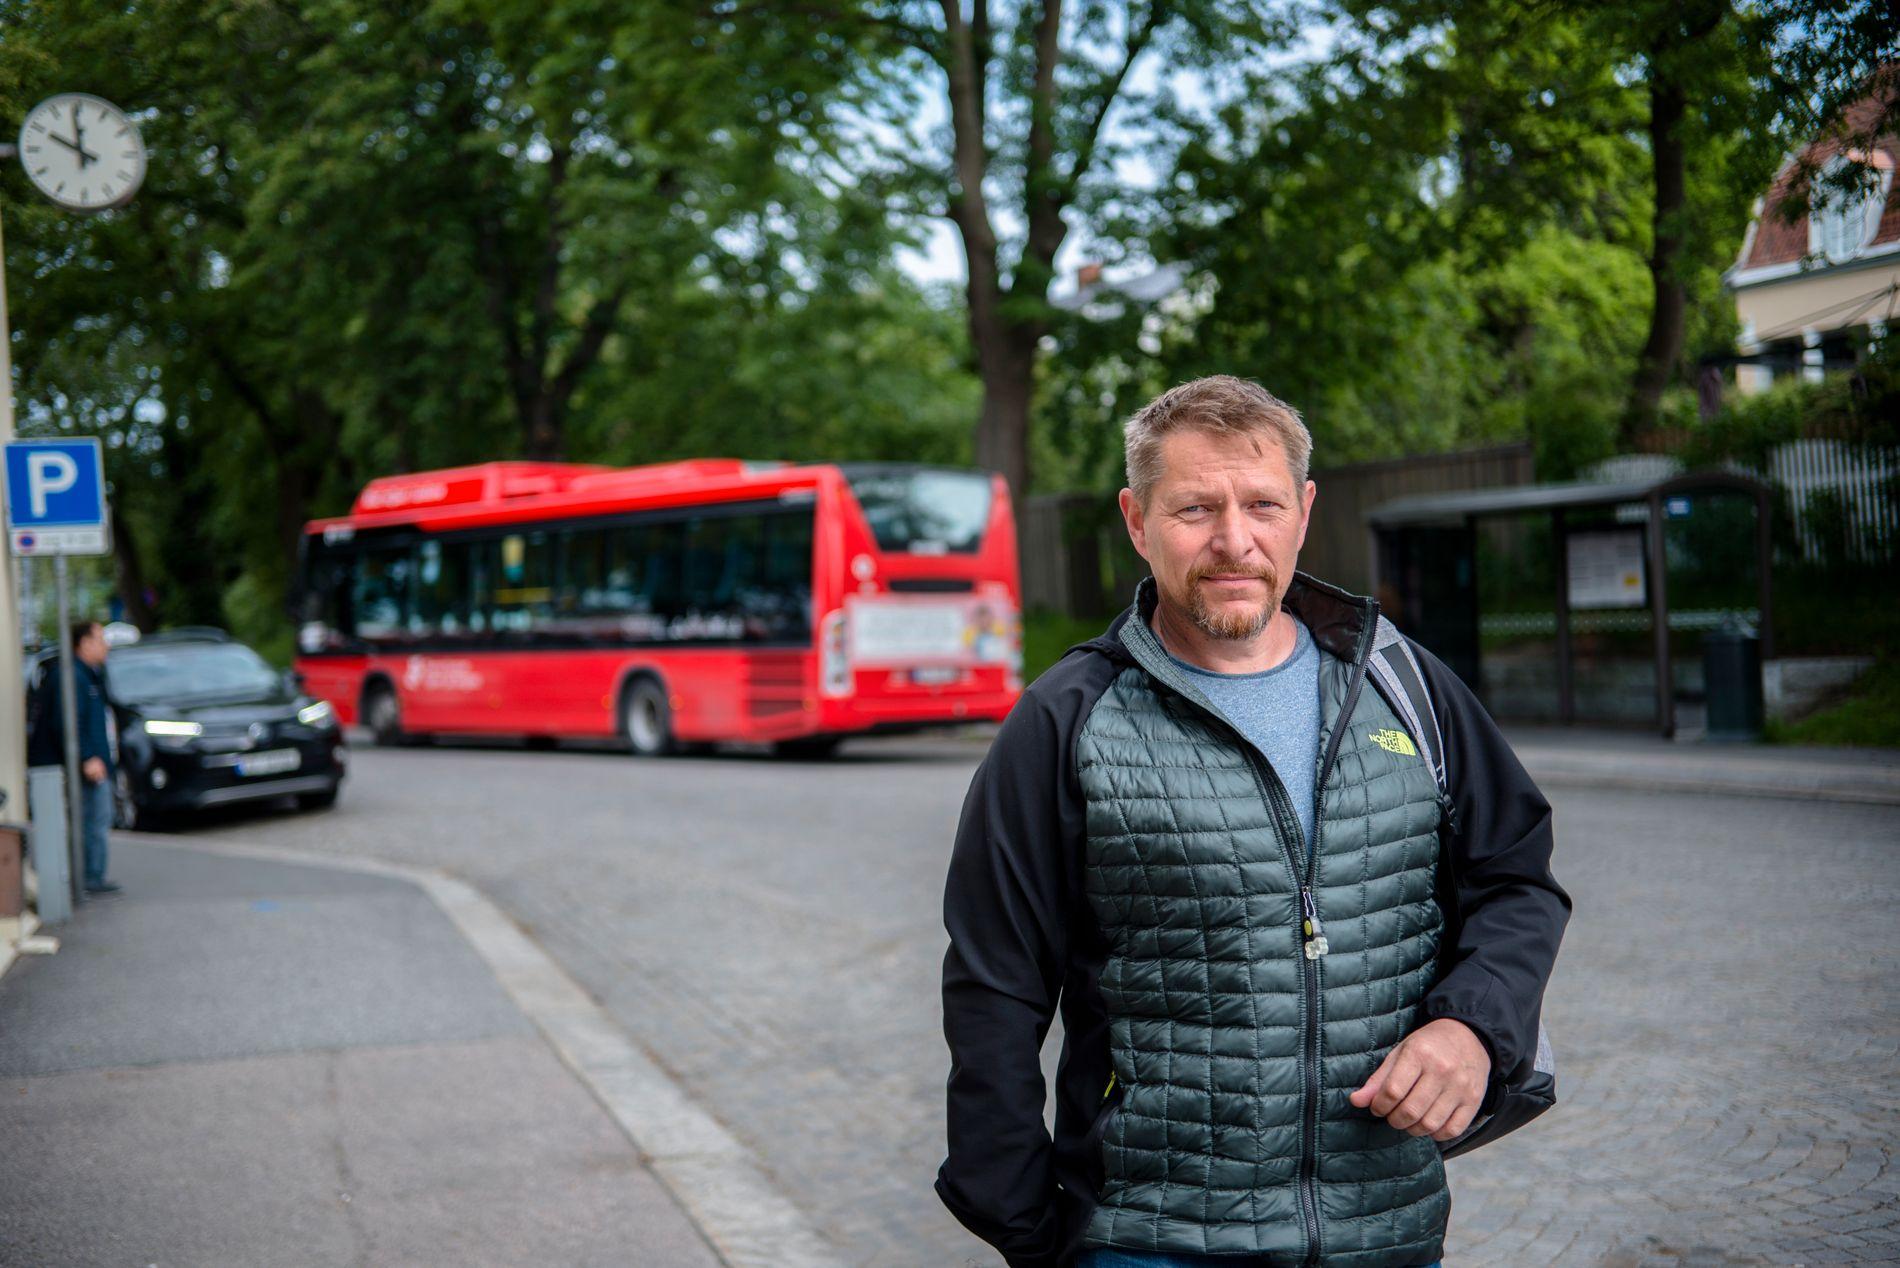 TAR 20-BUSSEN: Rune Larsen pleier å tilpasse planene etter bussrutene. Nå gleder han seg til å være litt mer fleksibel.